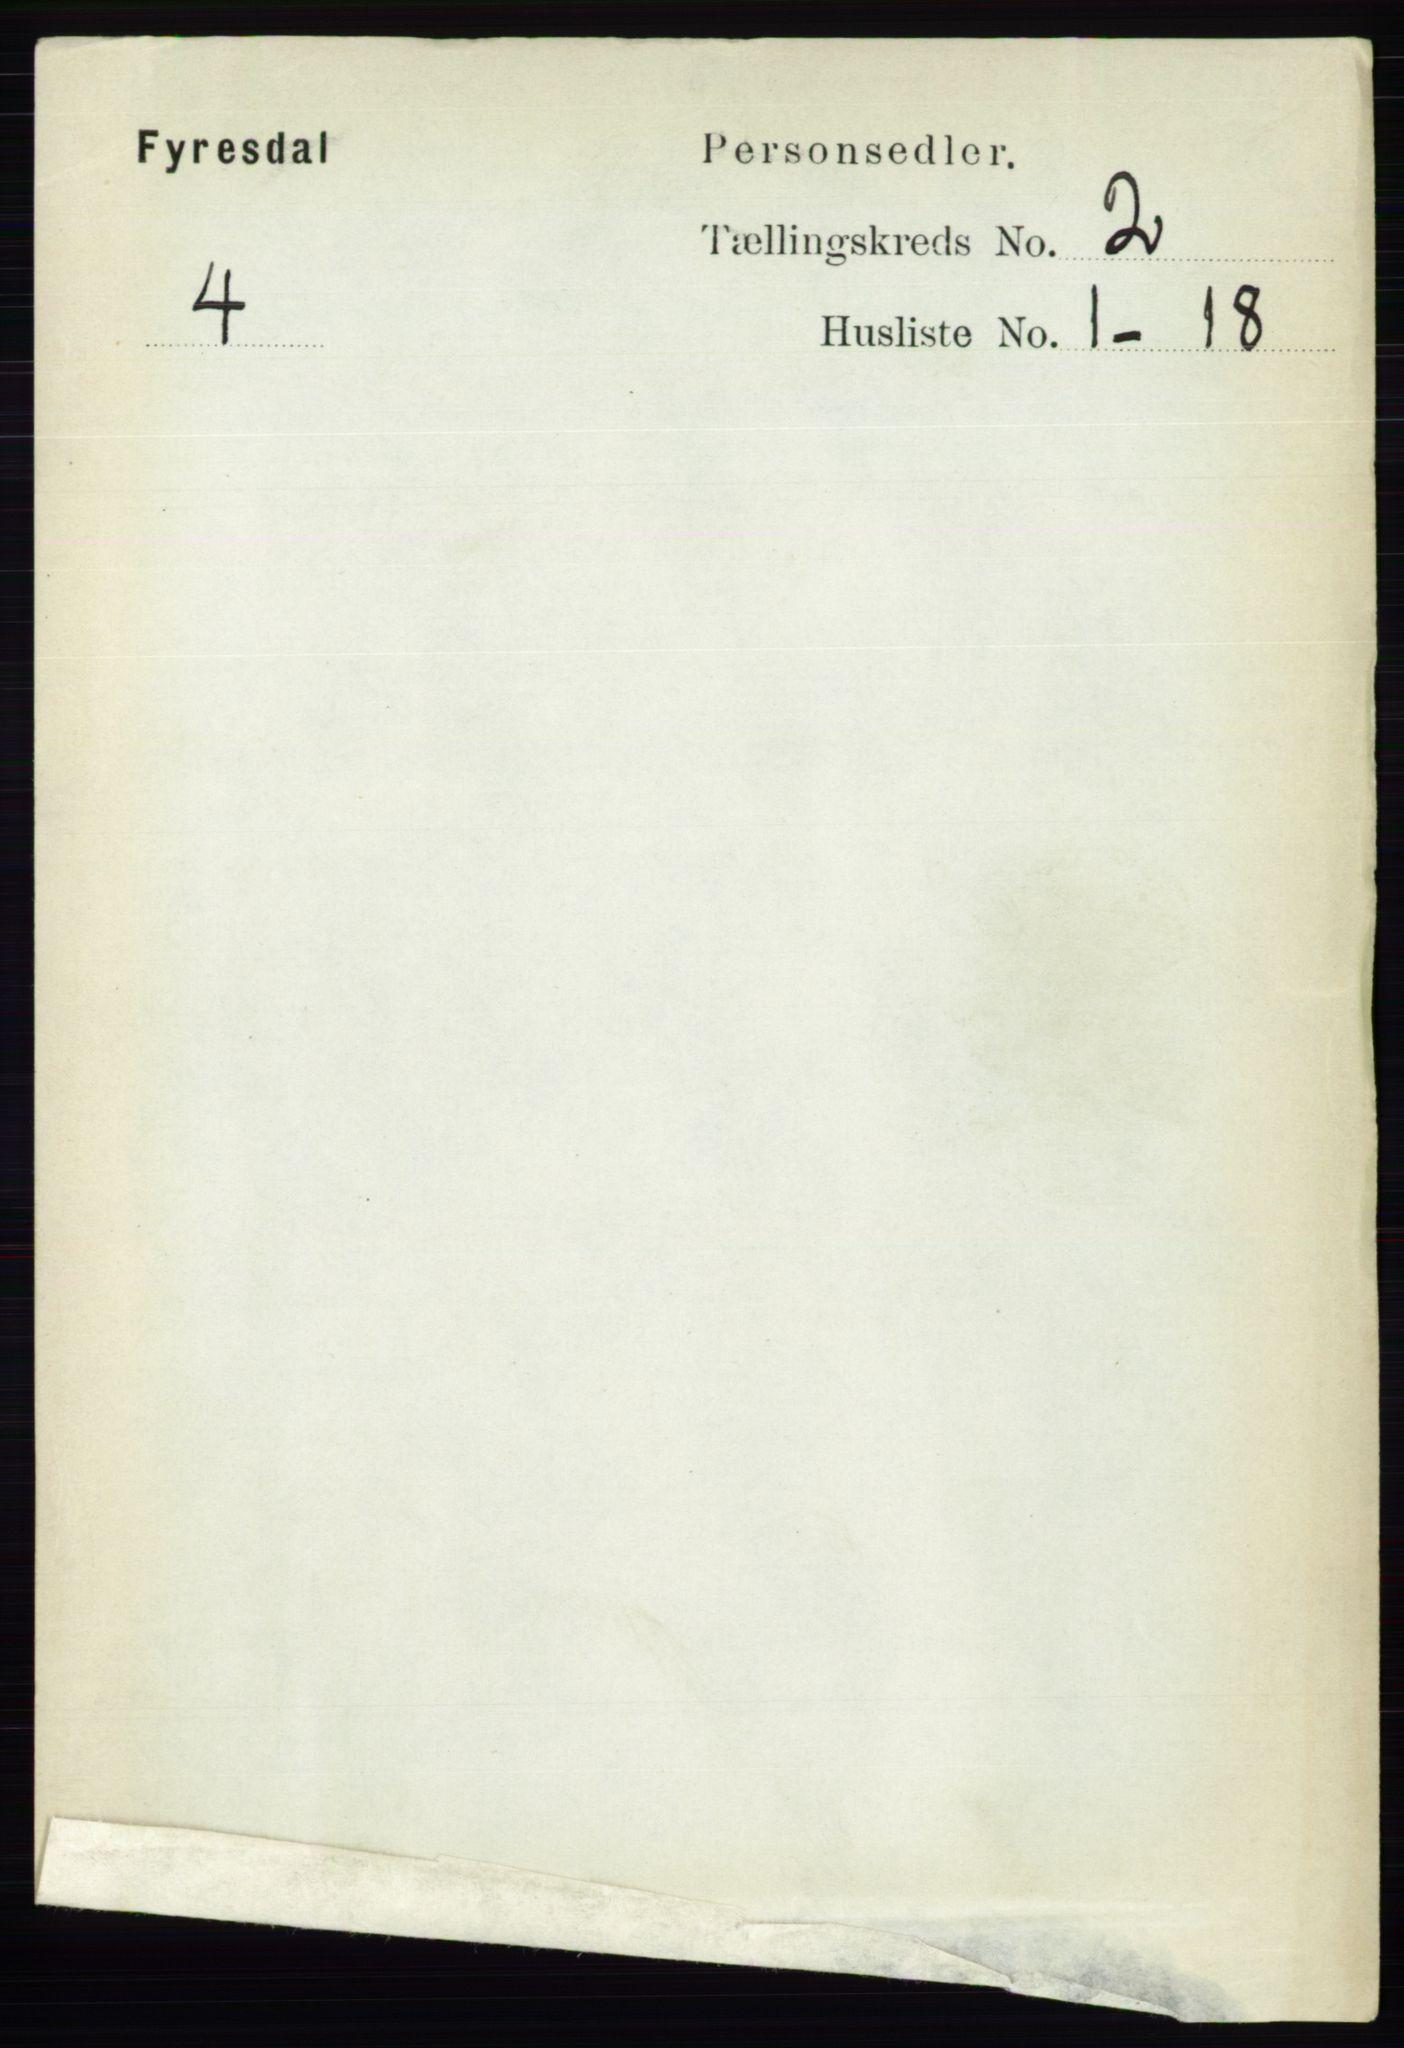 RA, Folketelling 1891 for 0831 Fyresdal herred, 1891, s. 295